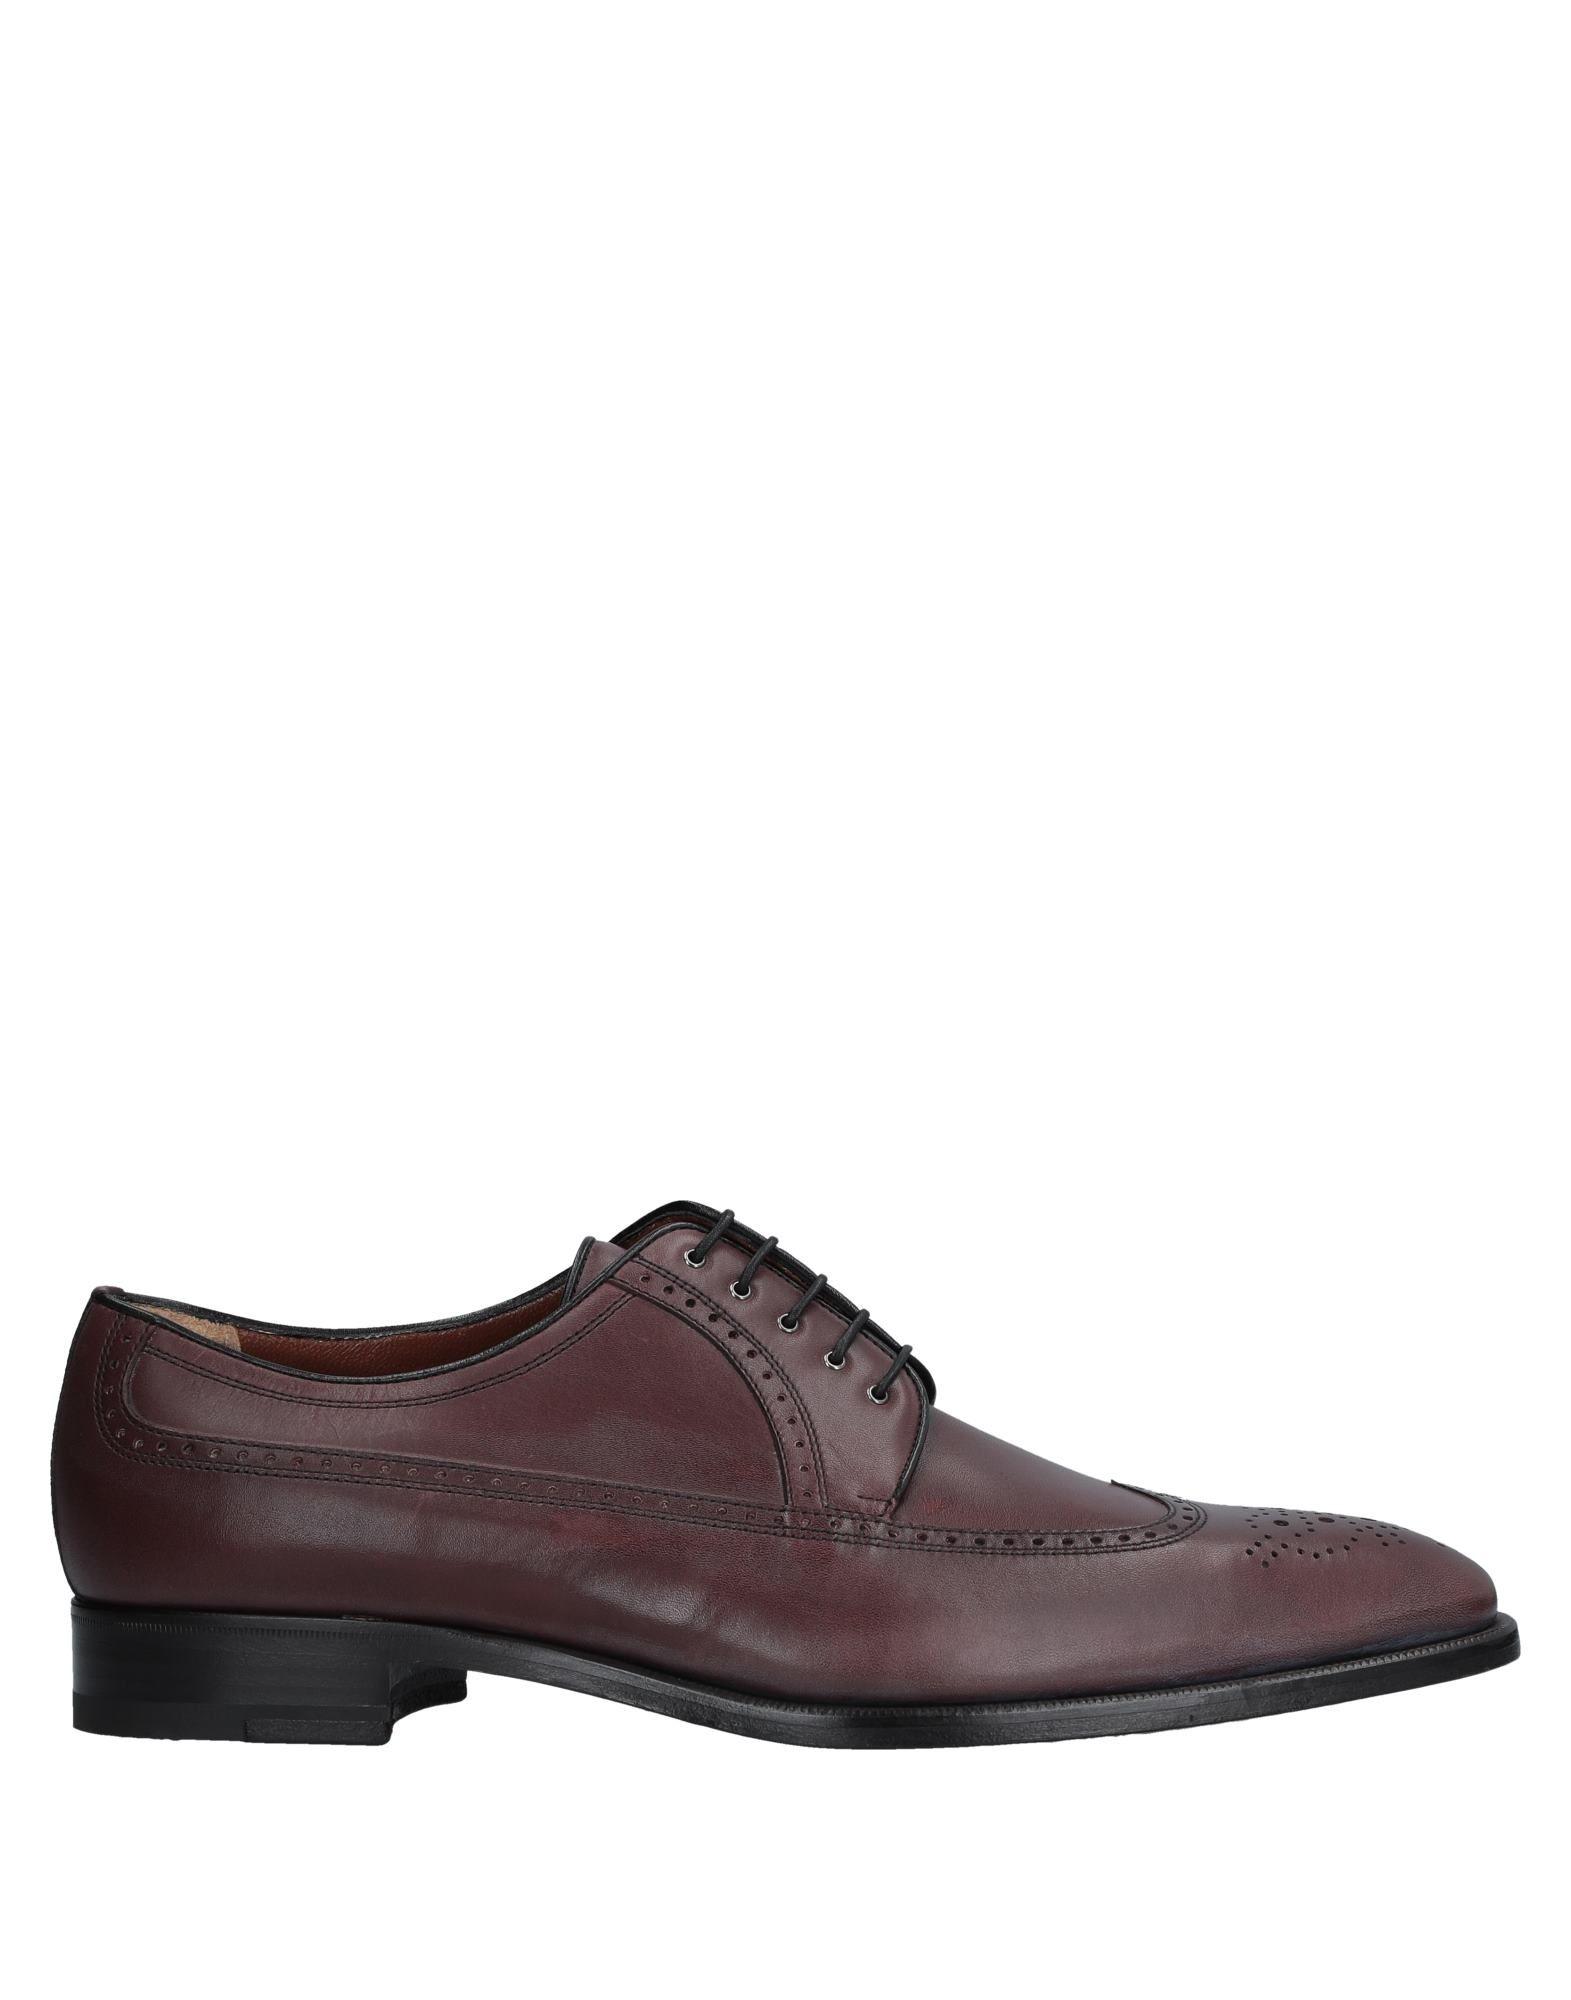 A.Testoni Schnürschuhe Herren  11542942WT Gute Qualität beliebte Schuhe